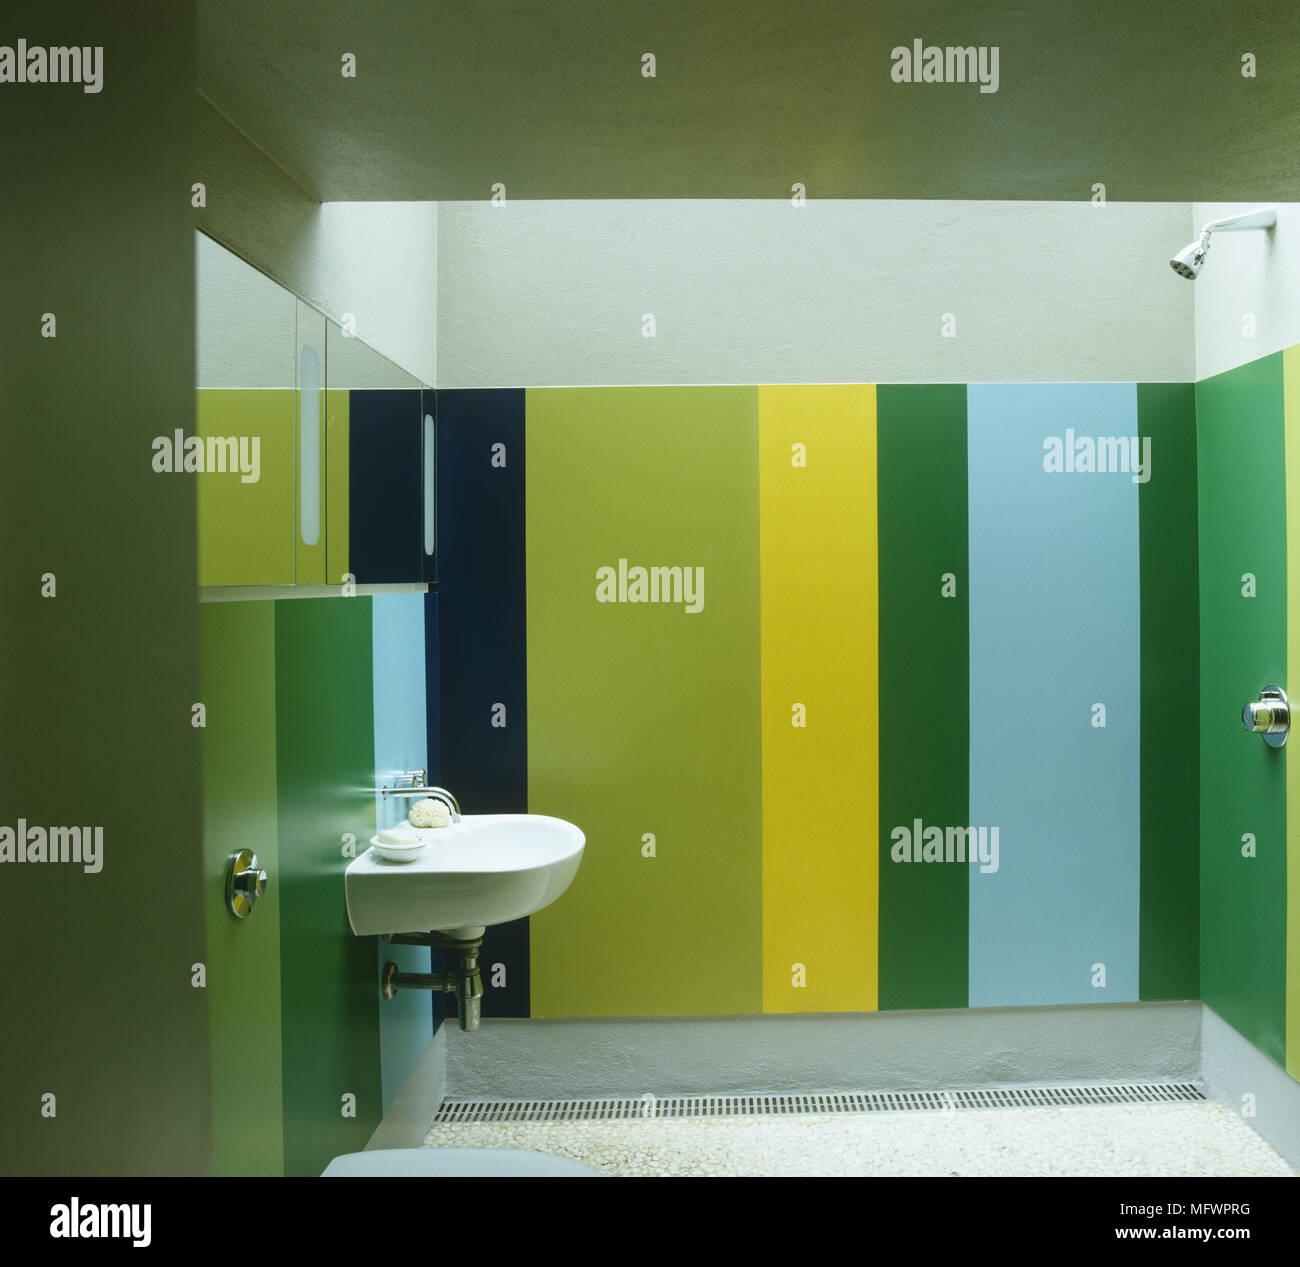 Lebendige Grun Gelb Und Blau Badezimmer Mit Waschbecken Vor Bereich